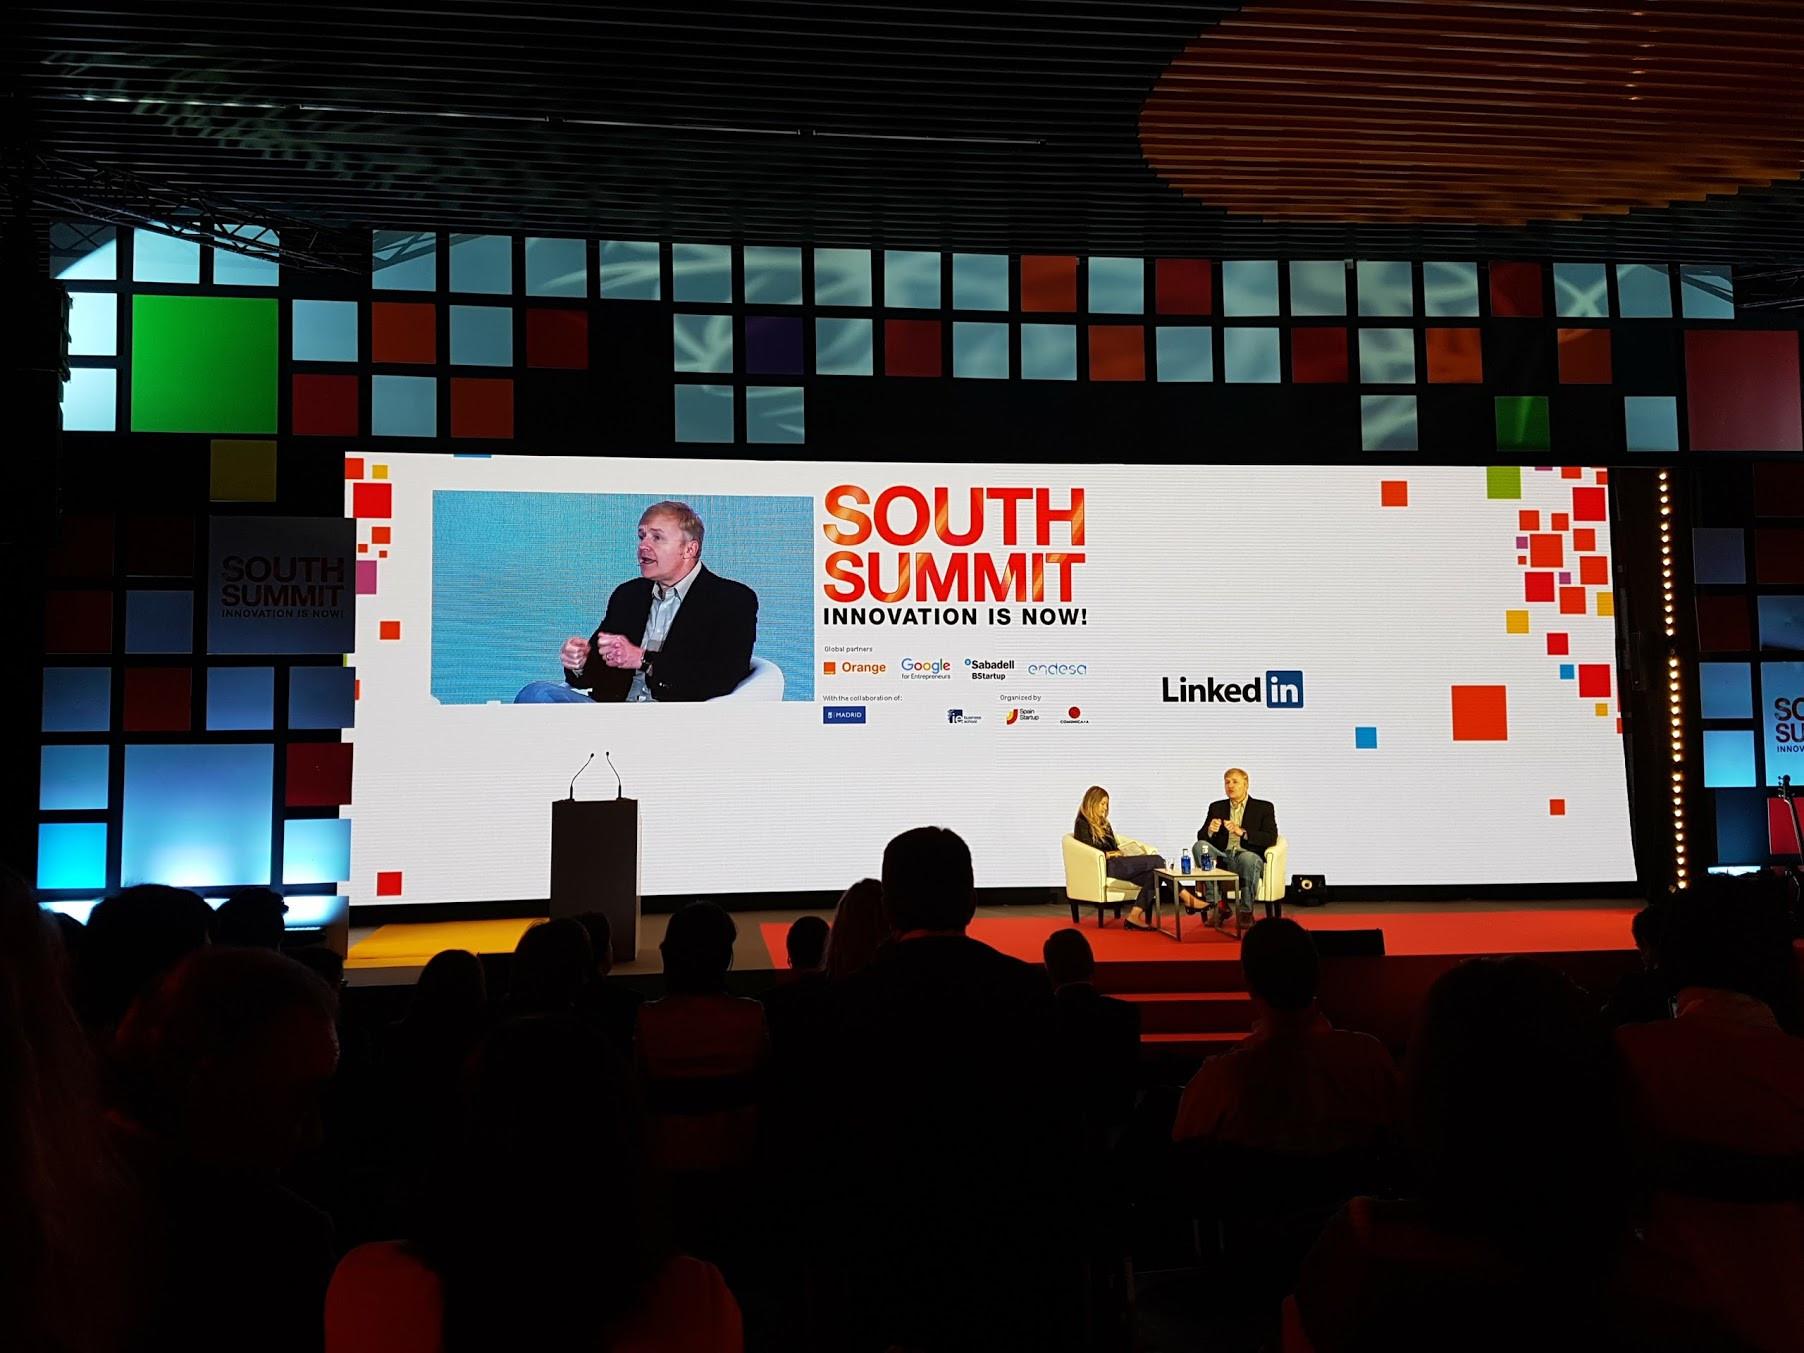 Imagen 4 del evento South Summit 2016 celebrado del 5 al 7 de octubre de 2016 en La Nave, Madrid